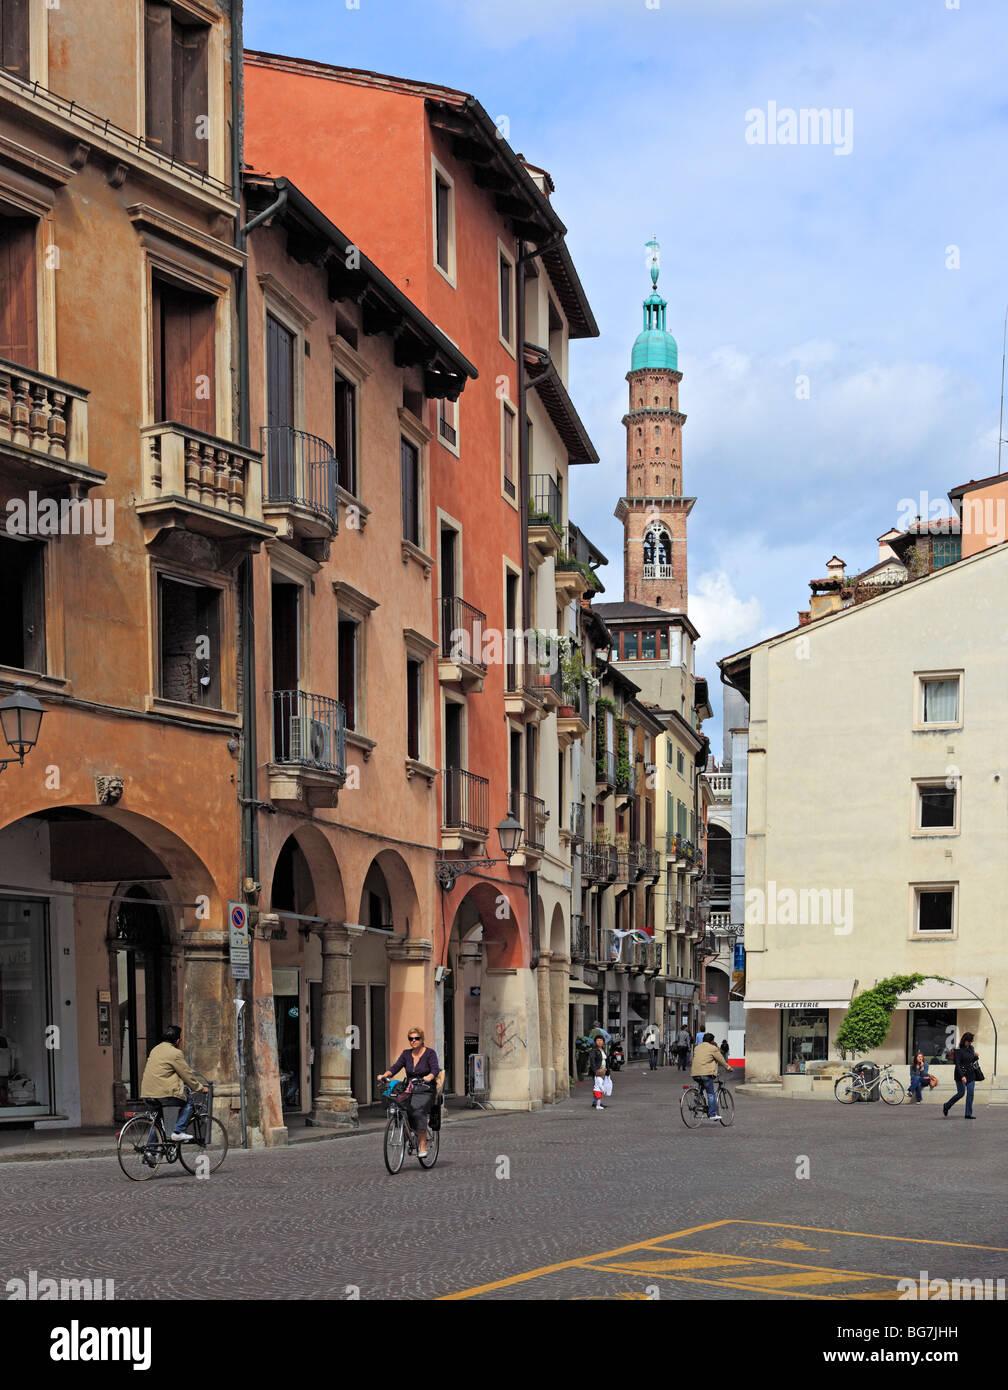 Vicenza, Veneto, Italy - Stock Image